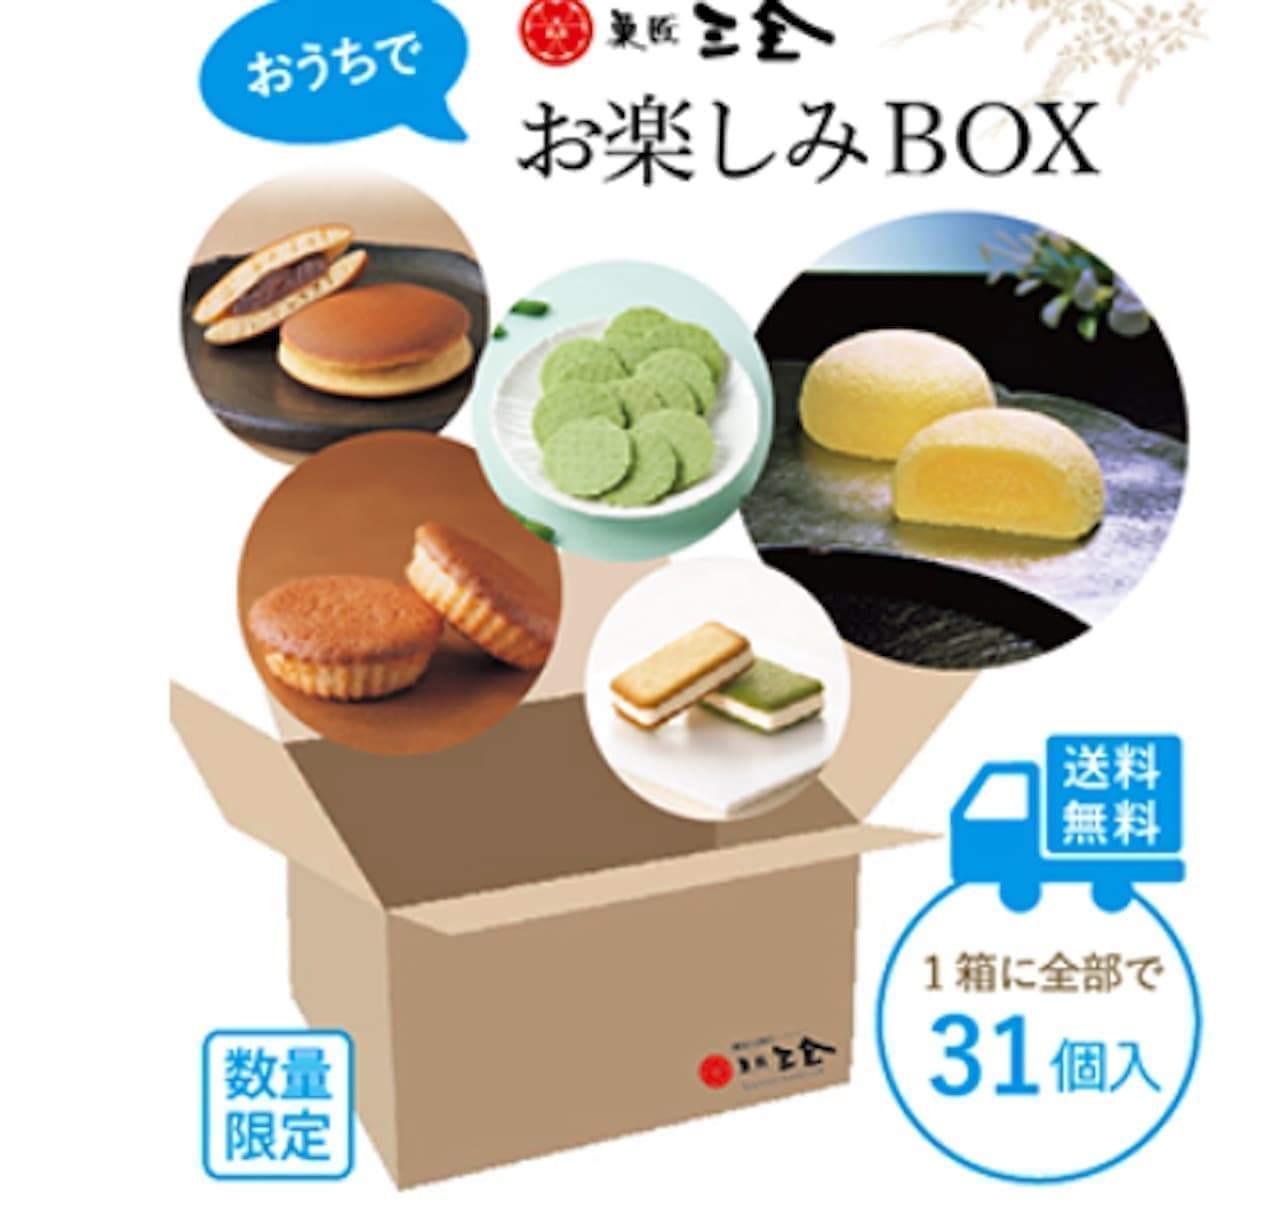 詰め合わせ「菓匠三全 お楽しみBOX 31個入」